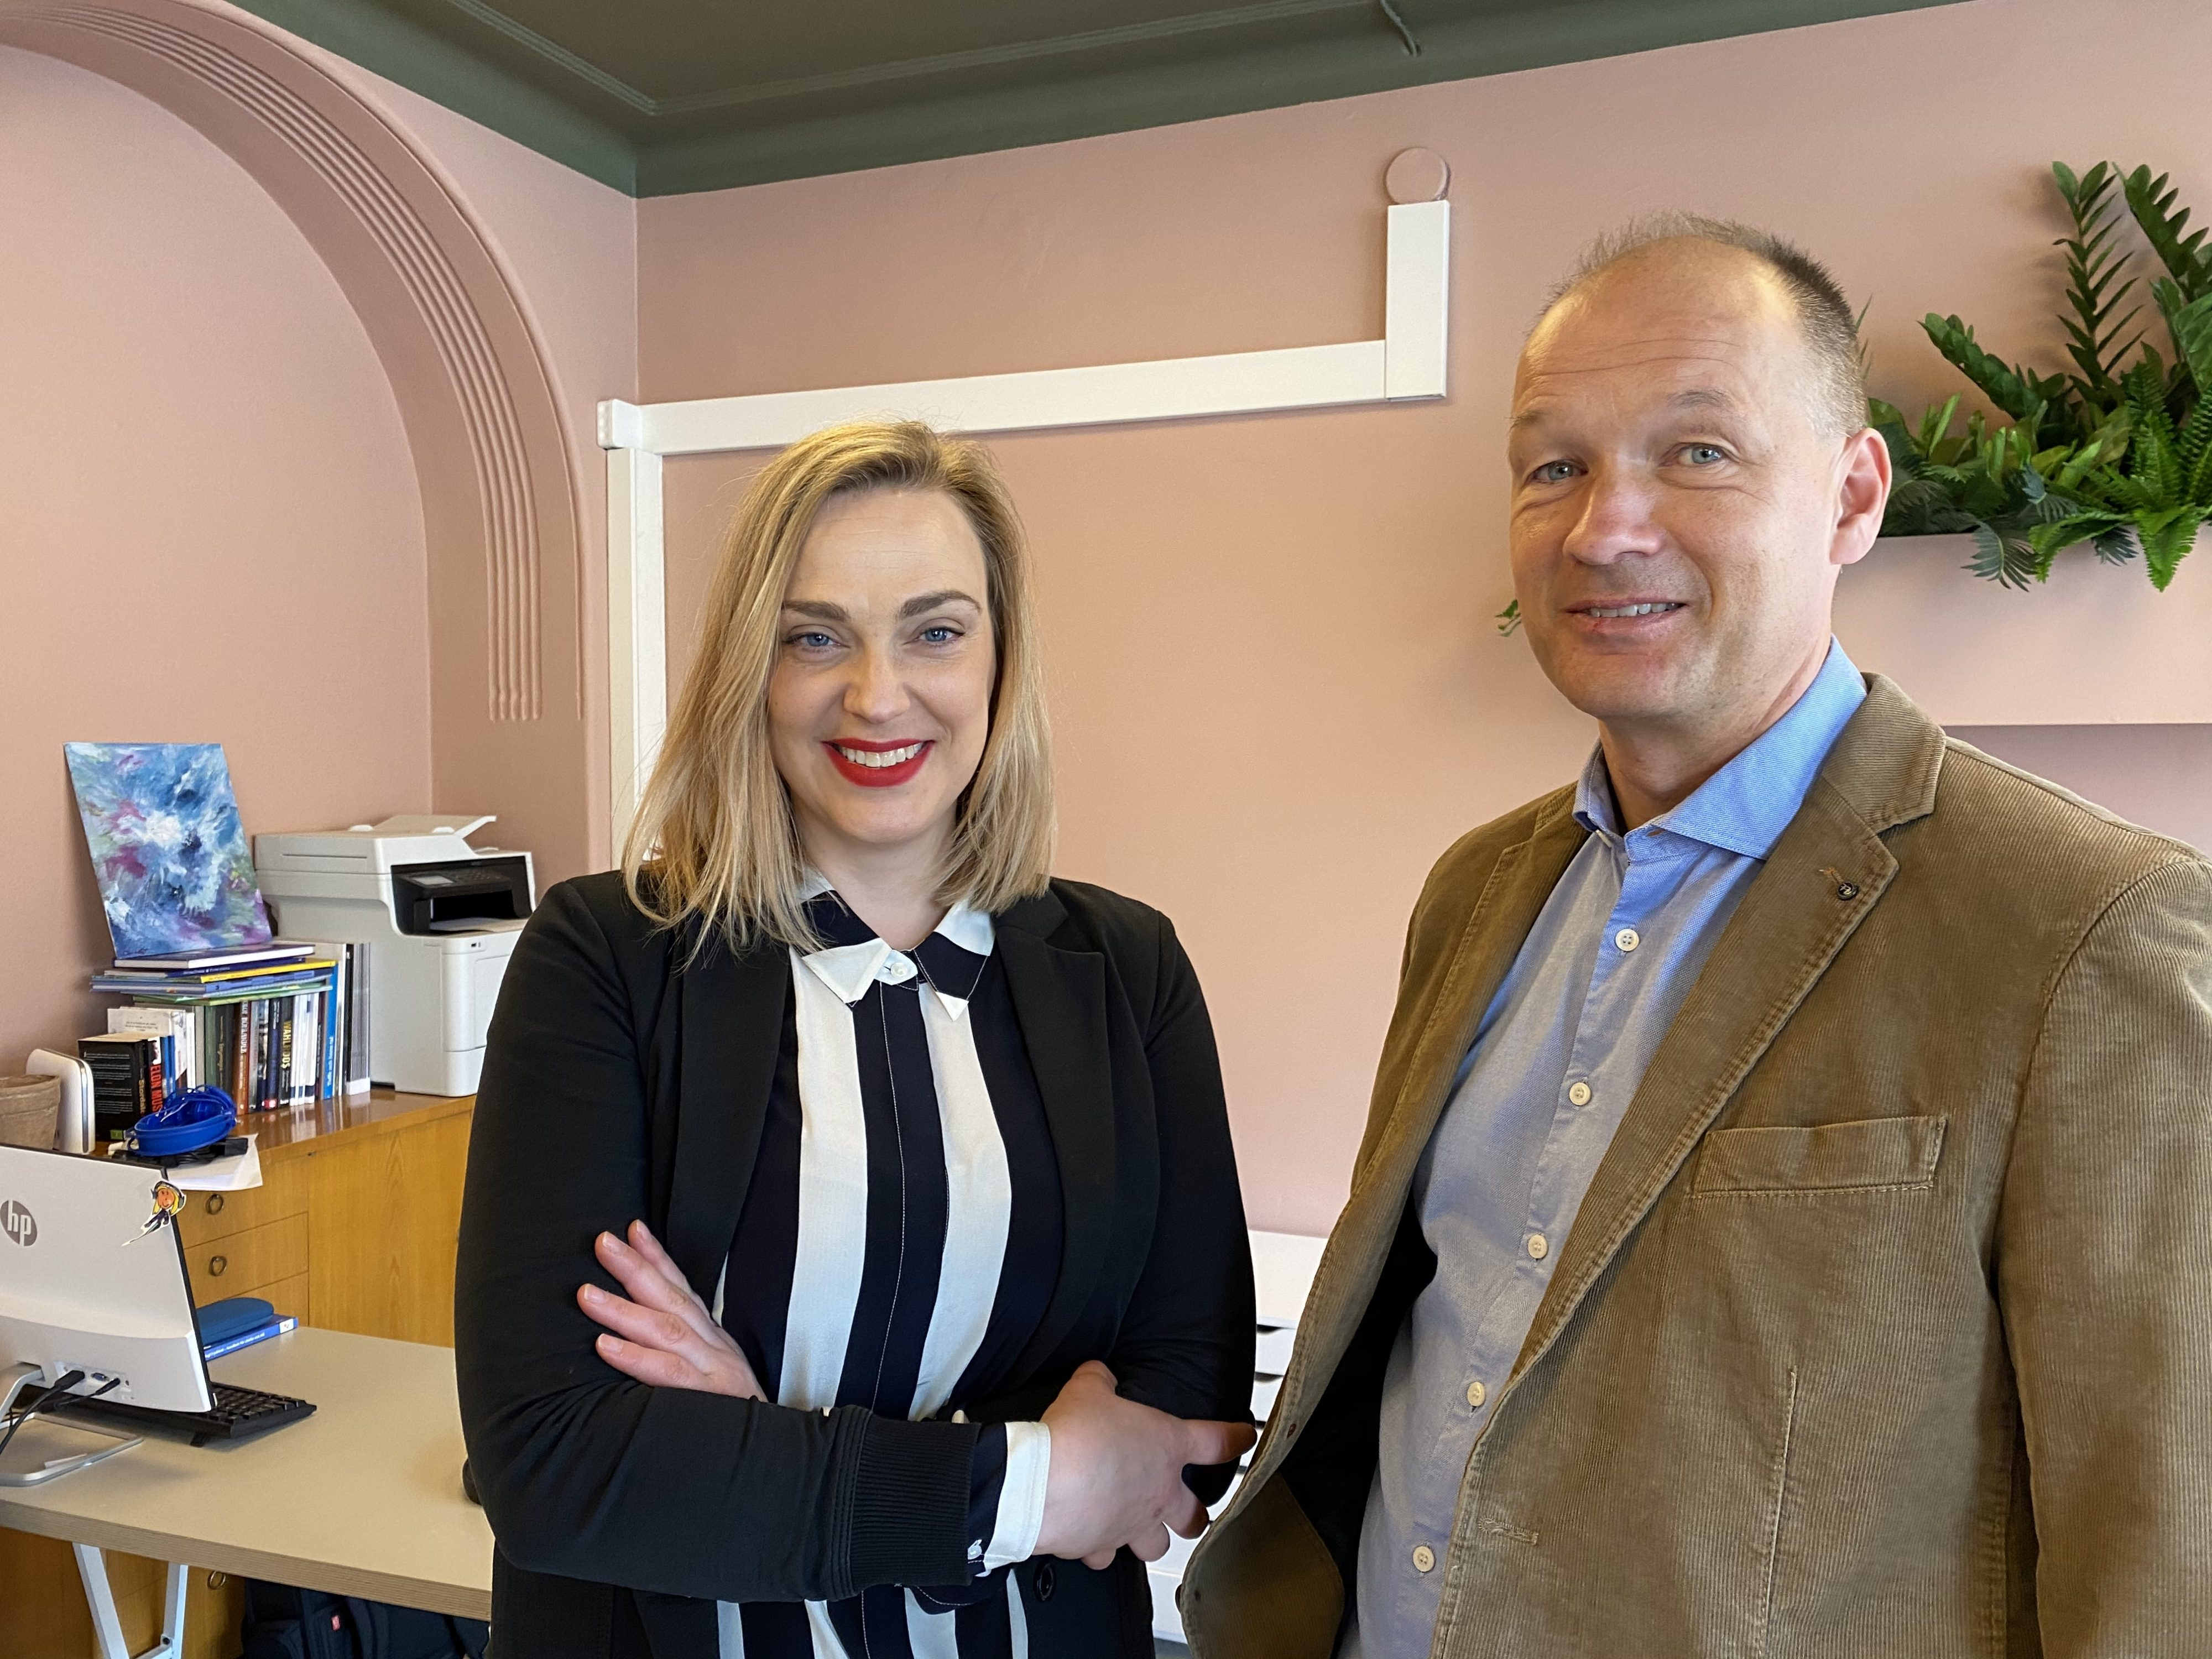 Magmapodden Befolkningsanalys och Svenskfinland år 2040